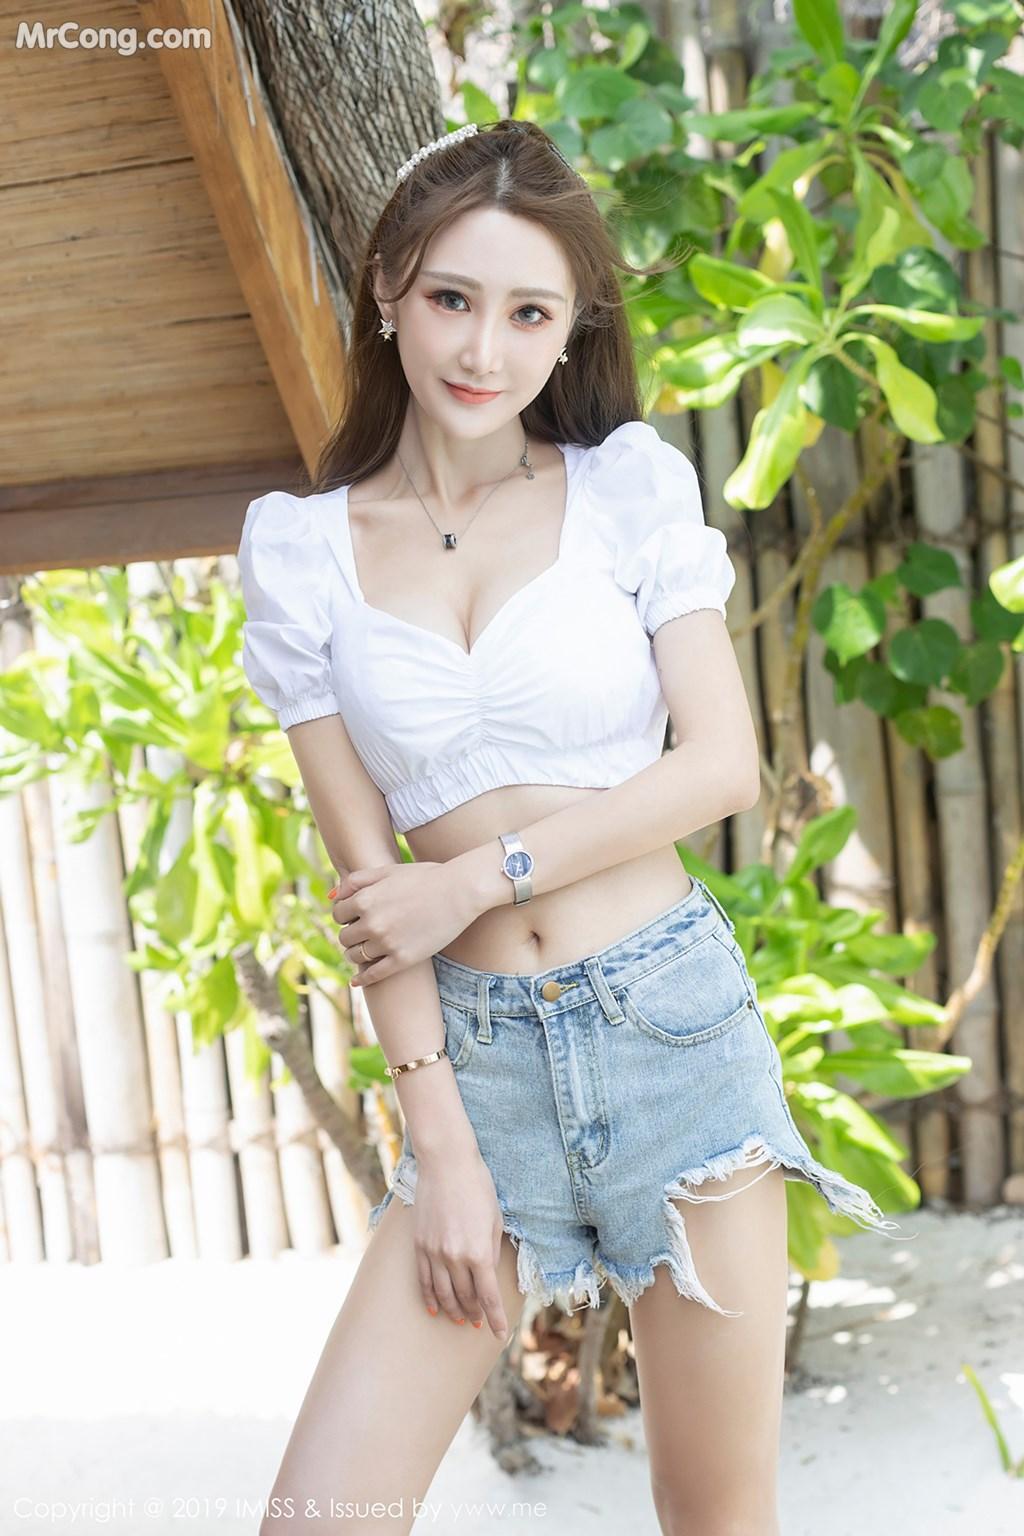 Image IMISS-Vol.326-Yu-Wei-Vivian-MrCong.com-001 in post IMISS Vol.326: Người mẫu Yu Wei (妤薇Vivian) (26 ảnh)